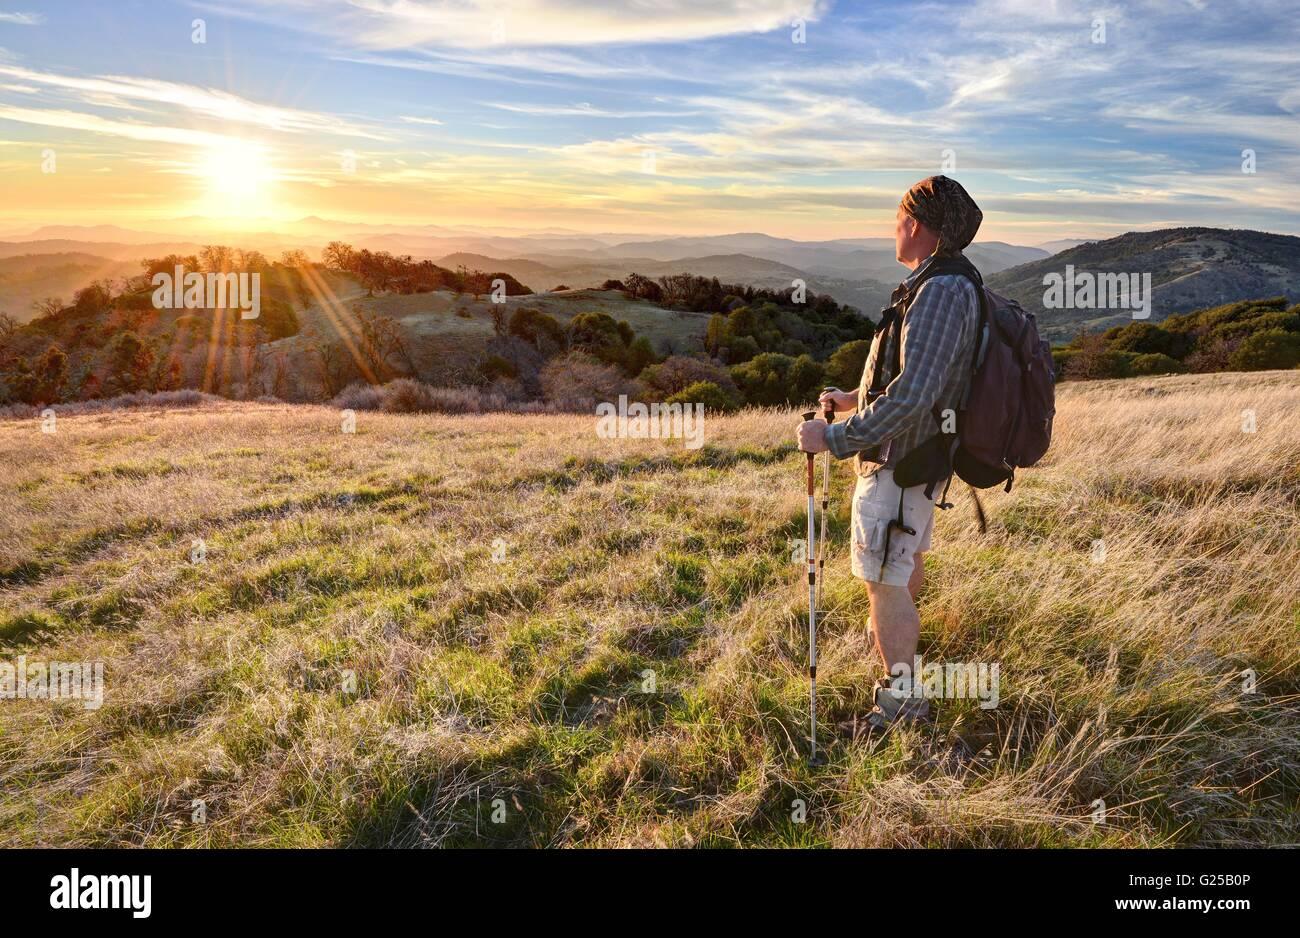 Homme randonnée et vue sur la nature, Vulcan Mountain Wilderness Preserve, Californie, États-Unis Banque D'Images